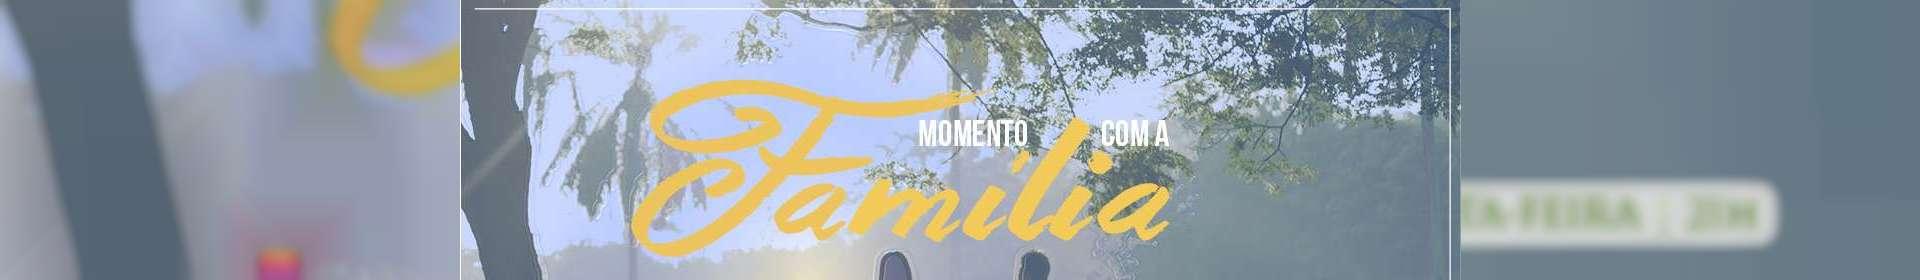 Momento com a Família - 05/07/2019